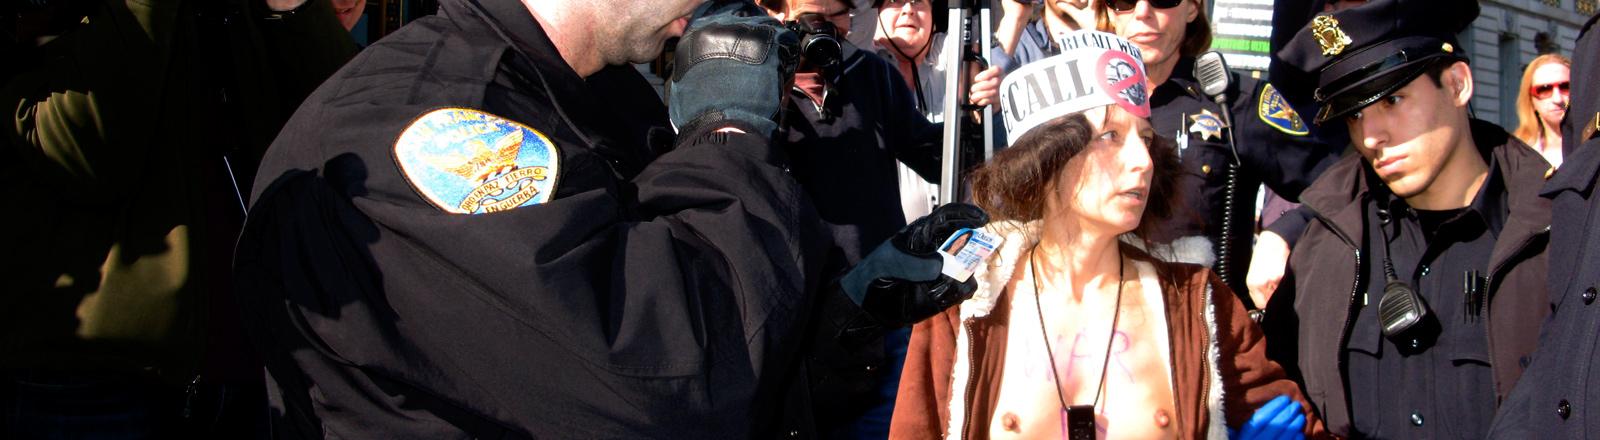 Eine nackte Demonstrantin ist umringt von Polizisten.